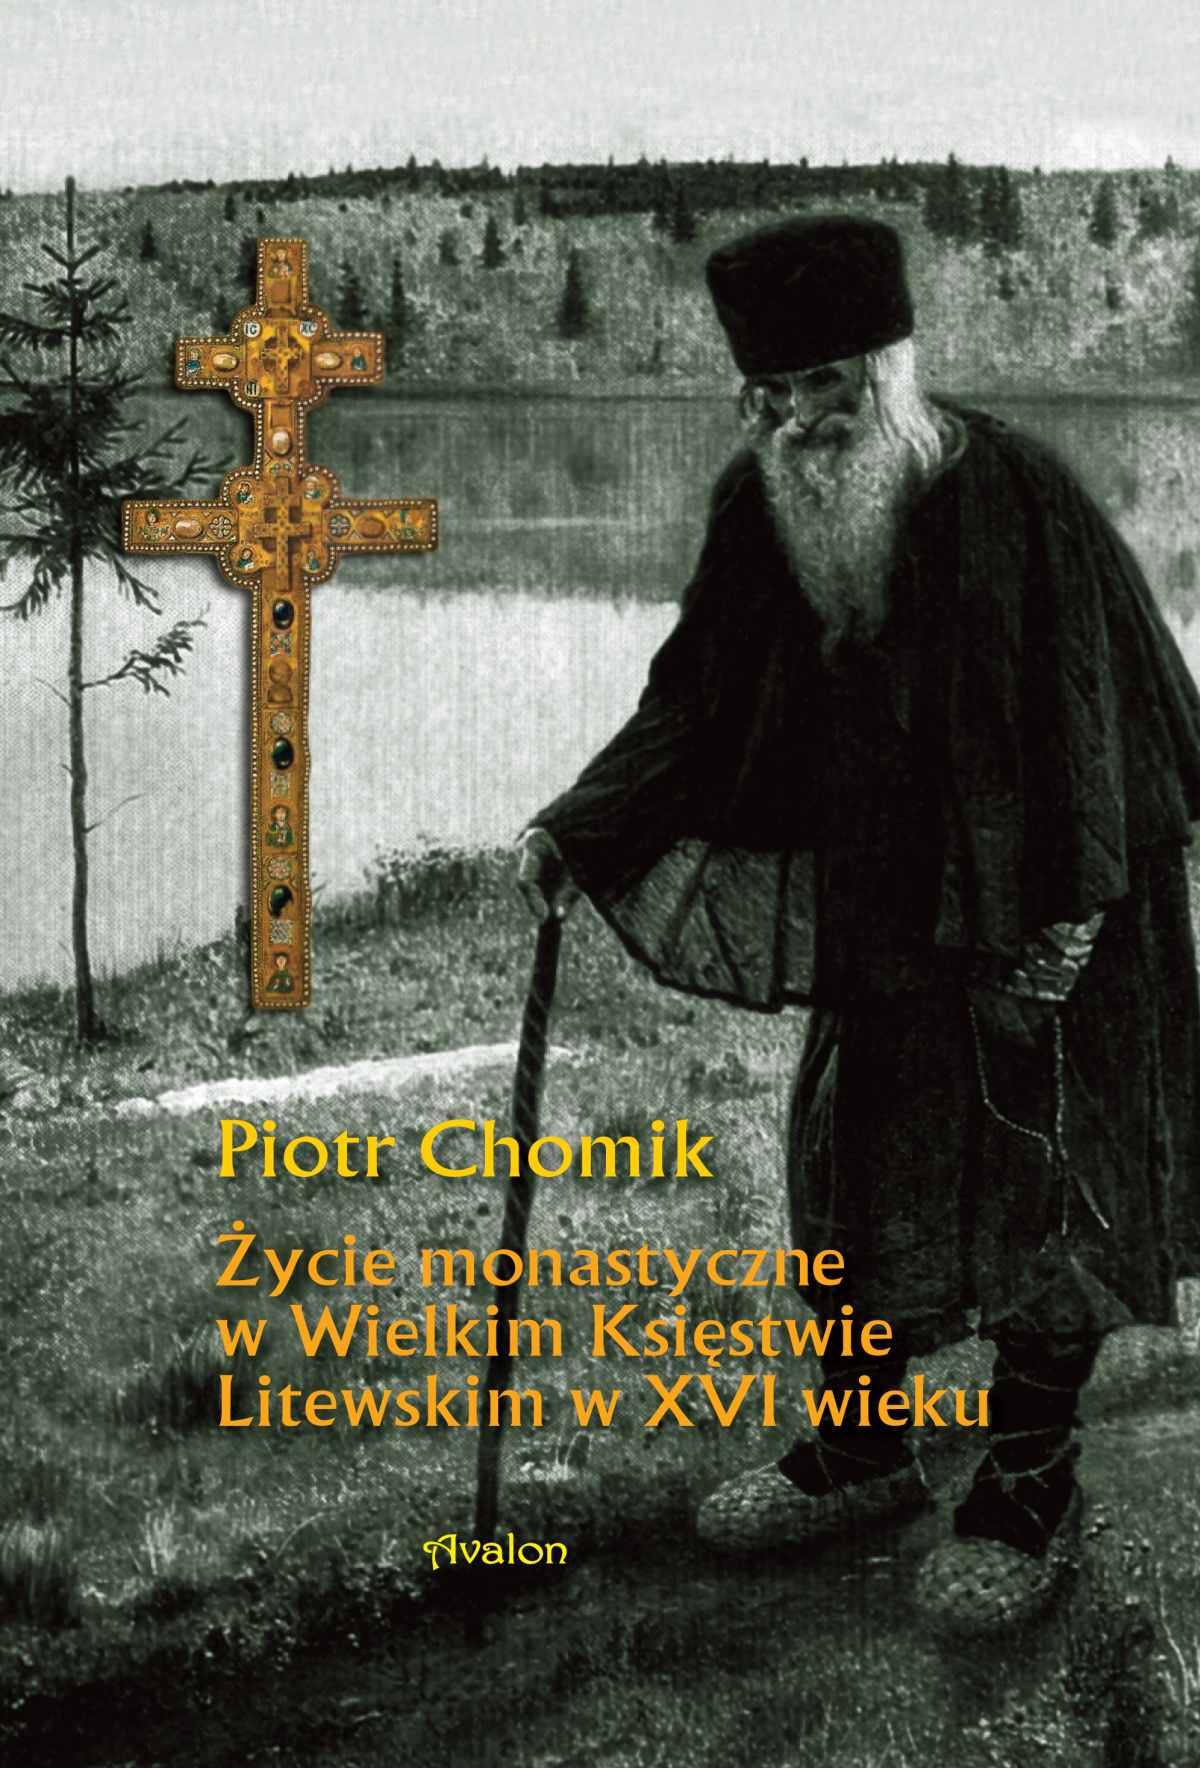 Życie monastyczne w Wielkim Księstwie Litewskim w XVI wieku. - Ebook (Książka PDF) do pobrania w formacie PDF